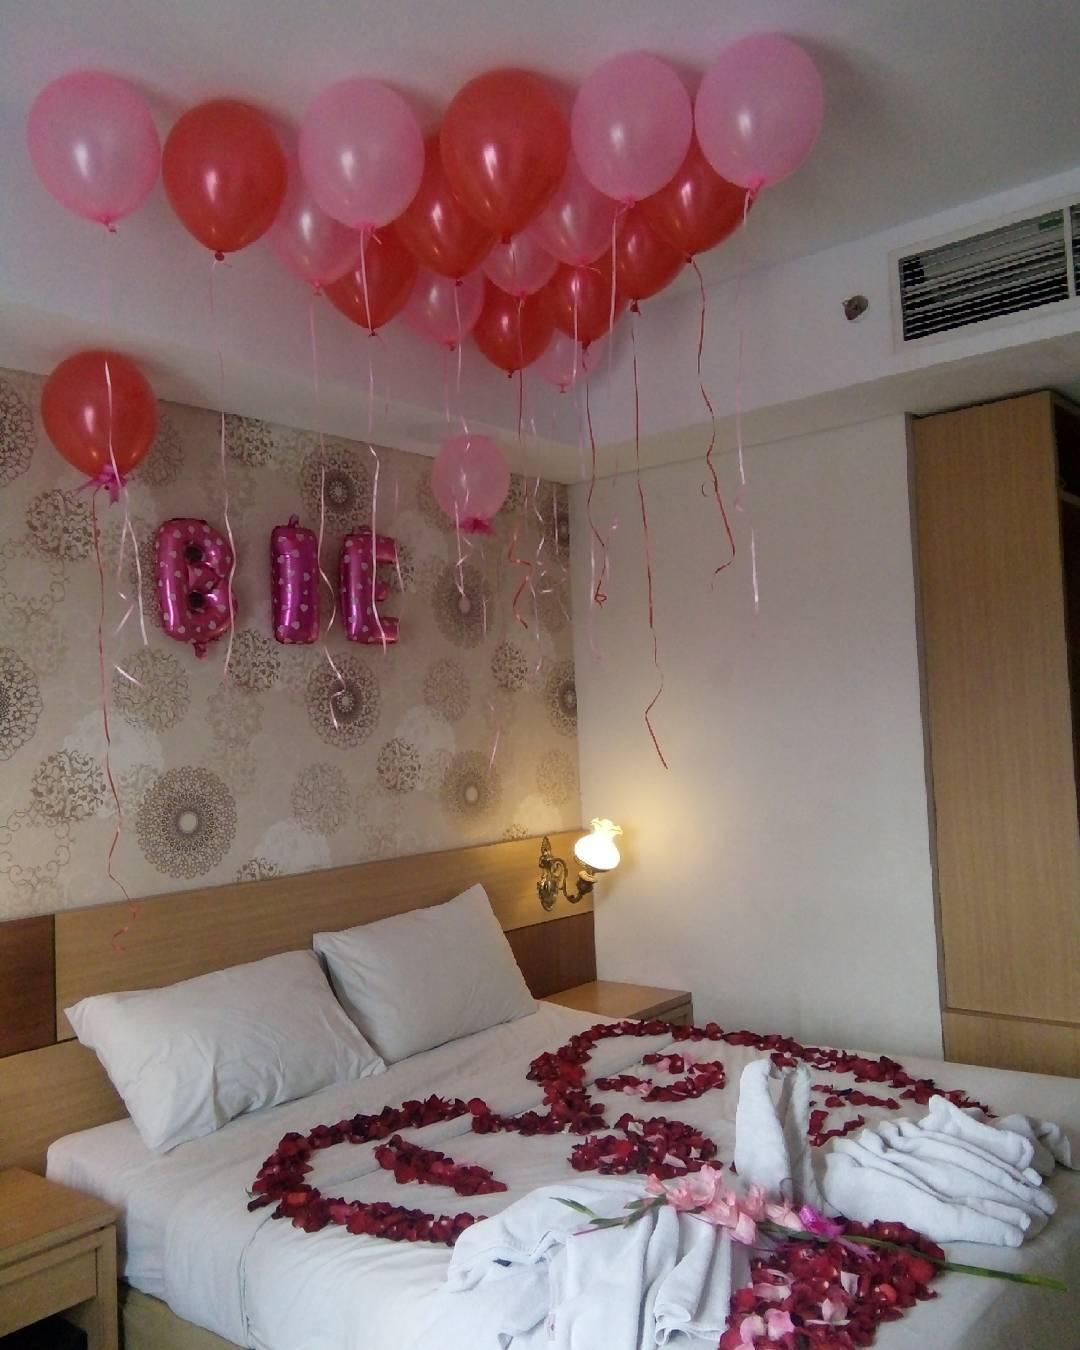 14 dekorasi kamar ulang tahun romantis lagi ngetrend 2018 for Dekor kamar hotel buat ulang tahun